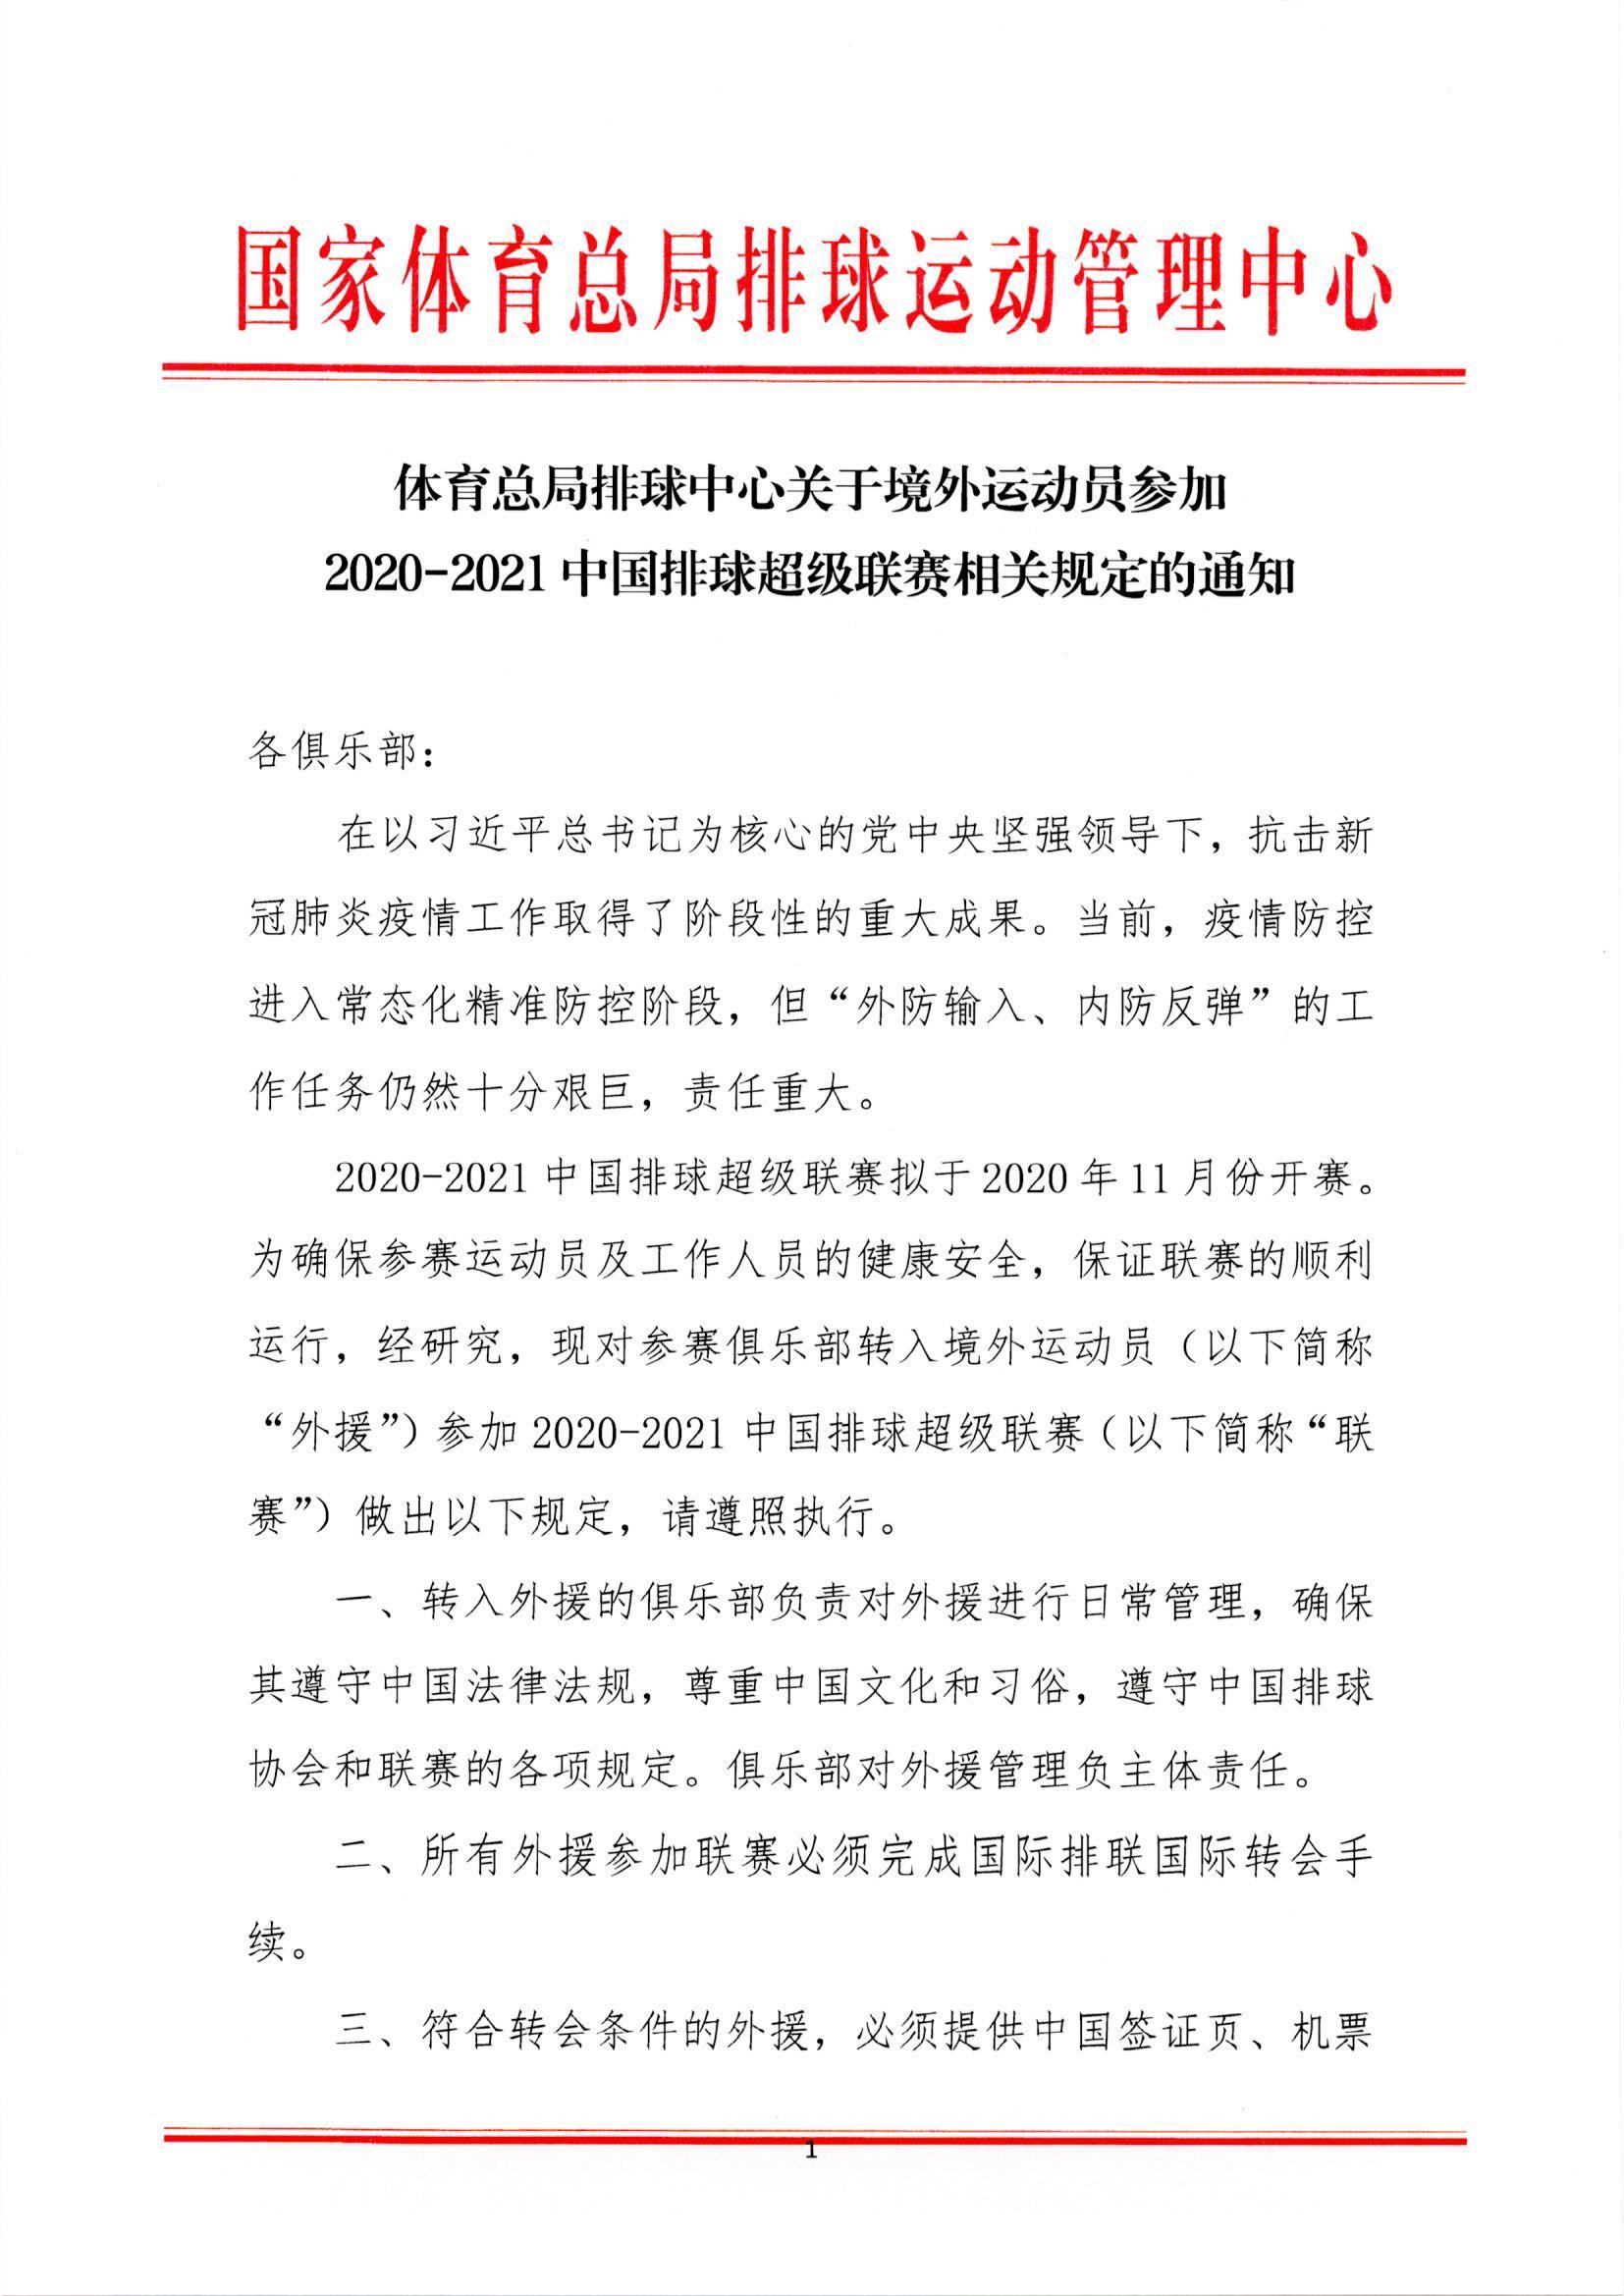 中国排协:排超拟定11月份开赛 公布外援参赛要求